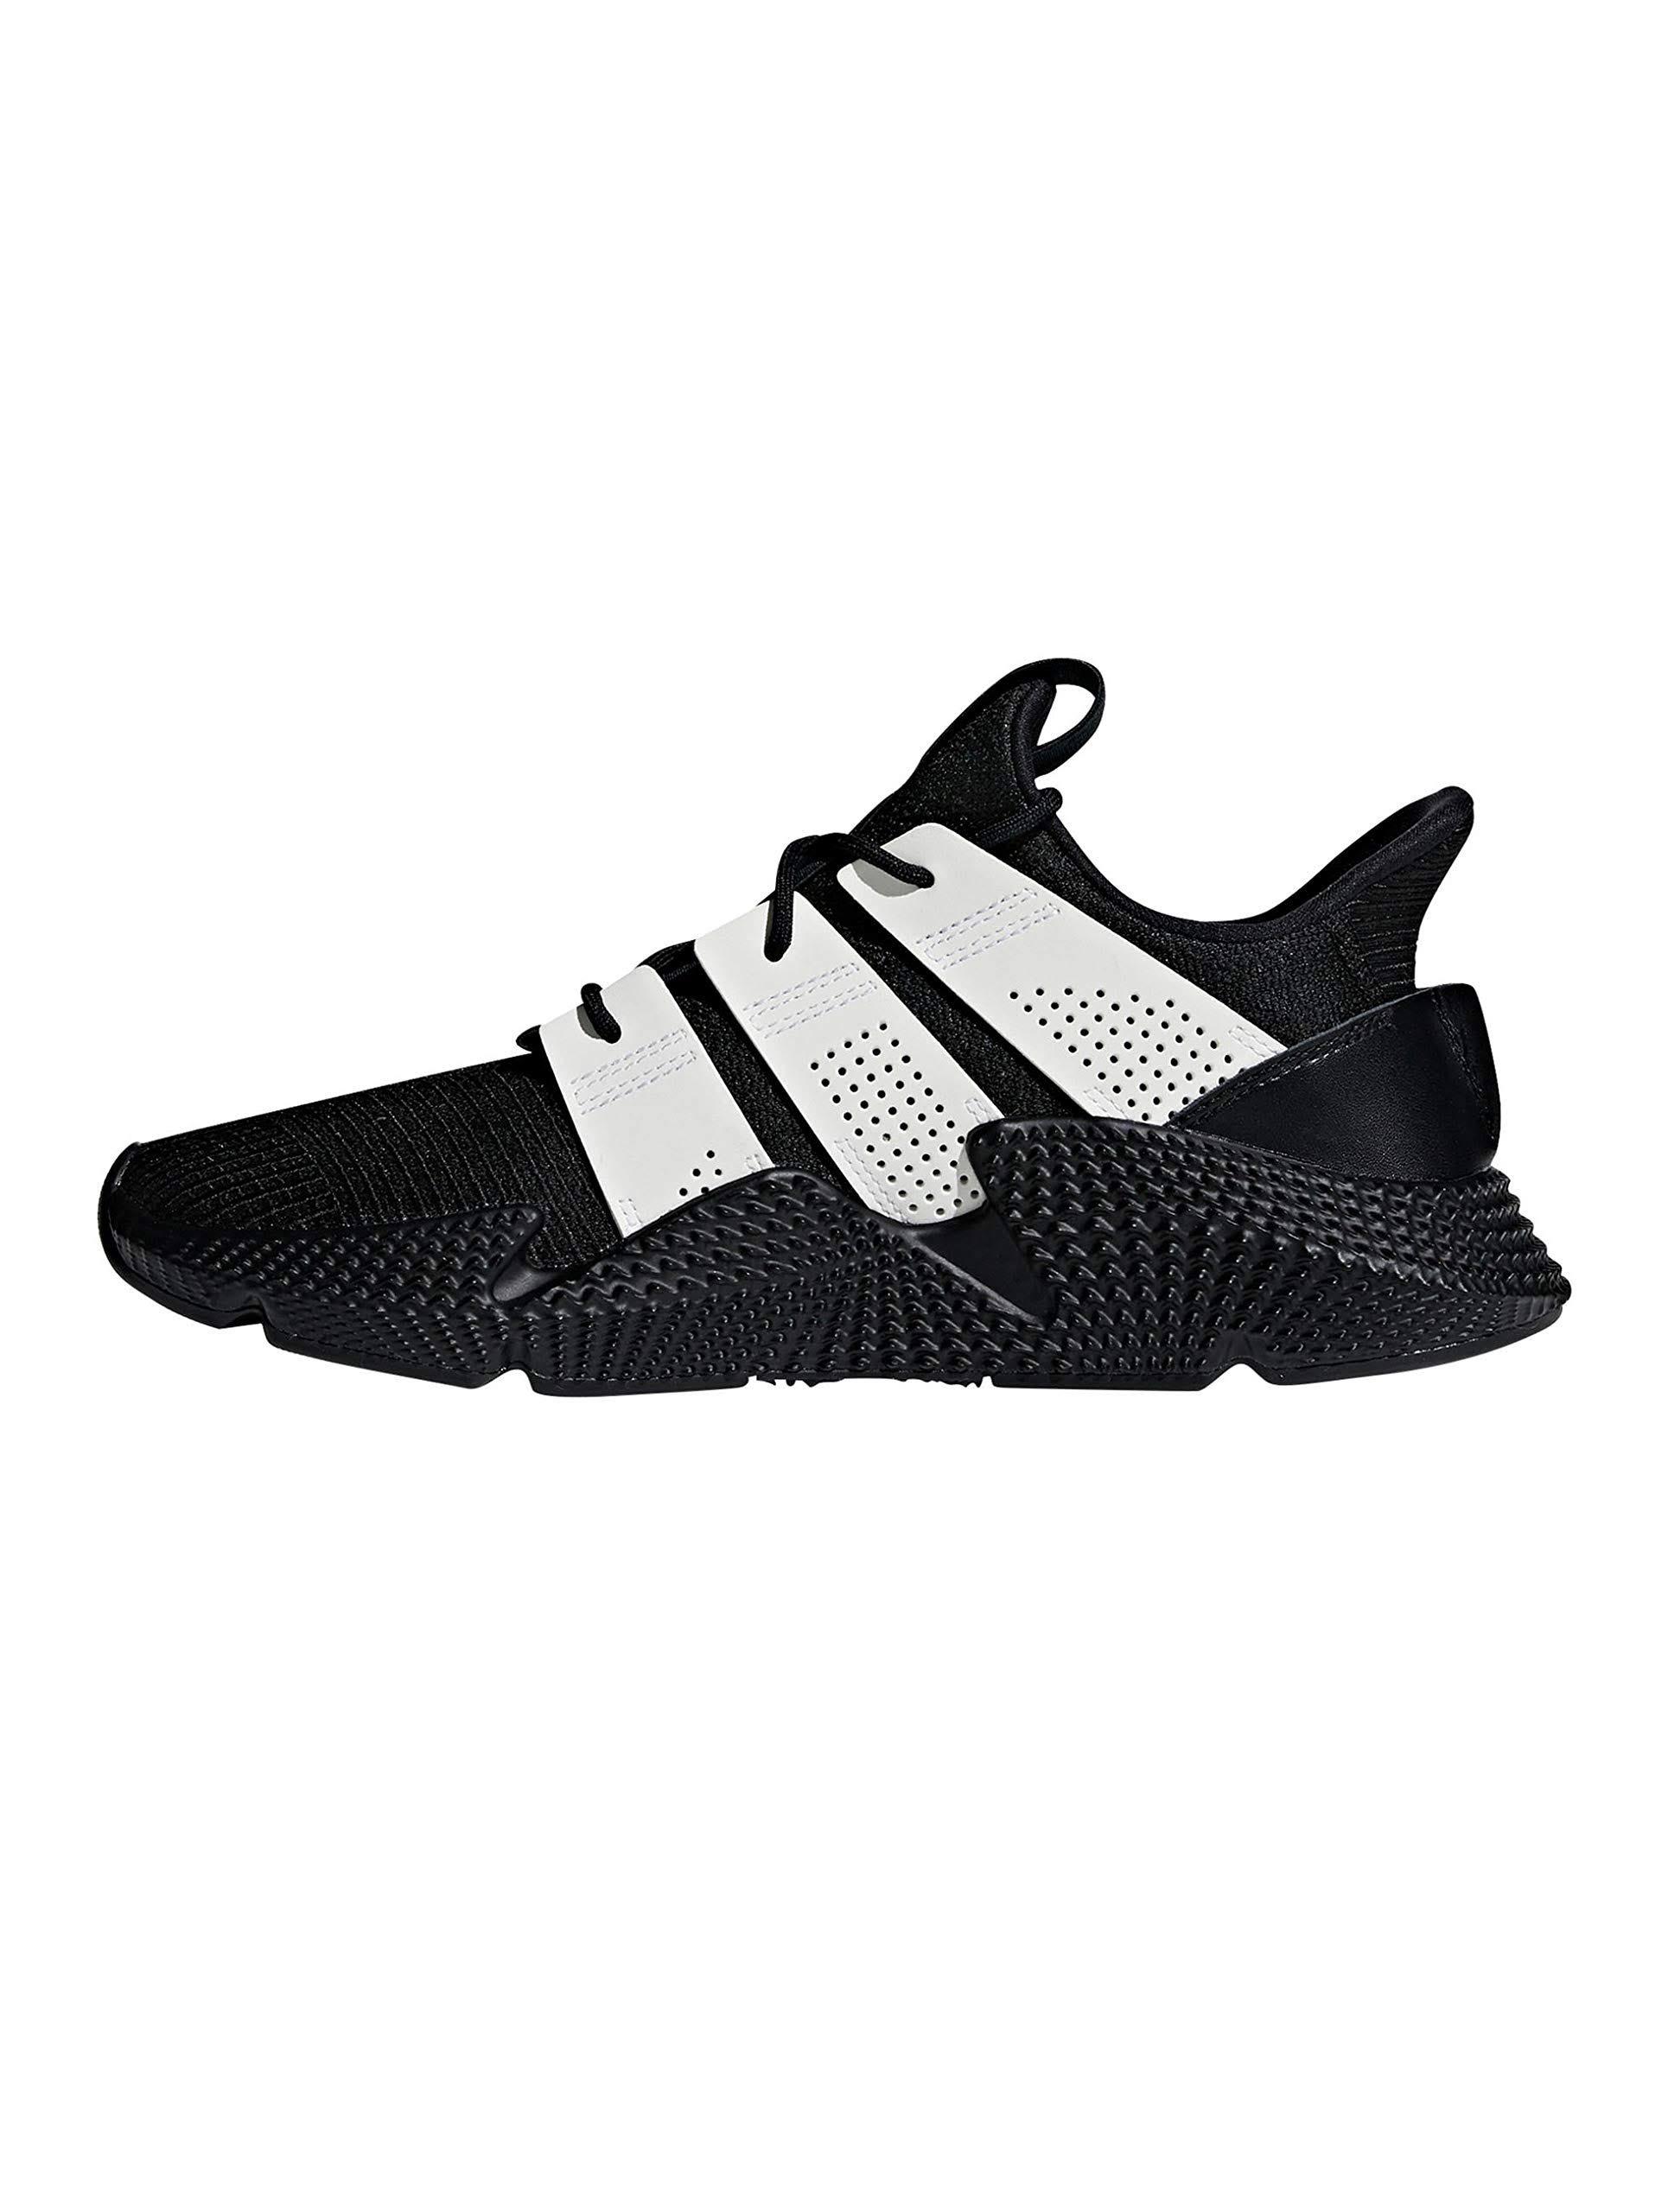 Prophere Adidas Originals Hombre 9 Negro ERw7CUqHx